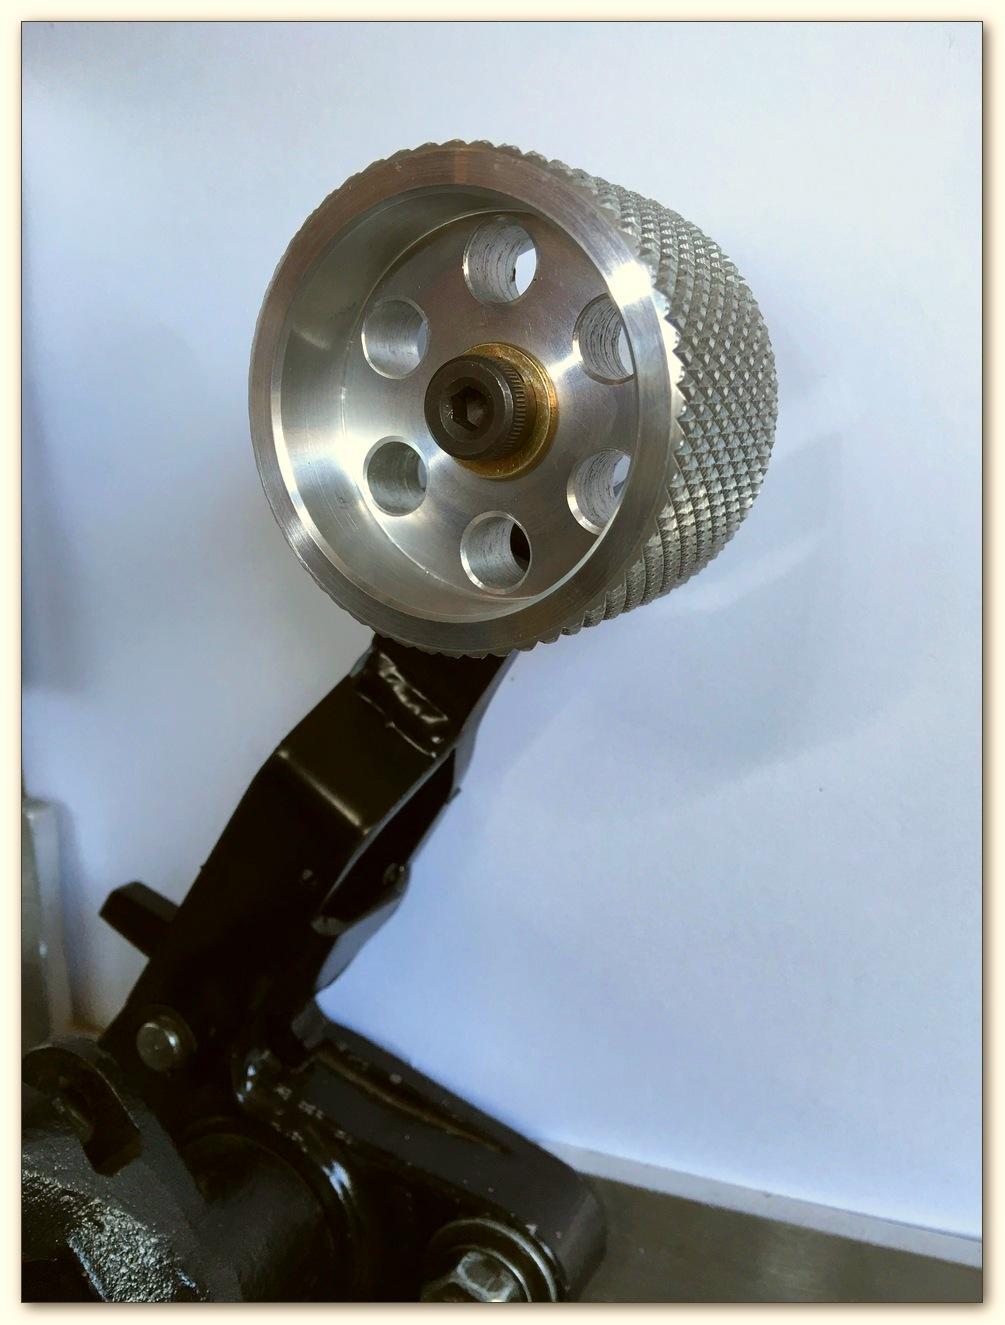 pistol_wheel_aluminum_mounted1_sm